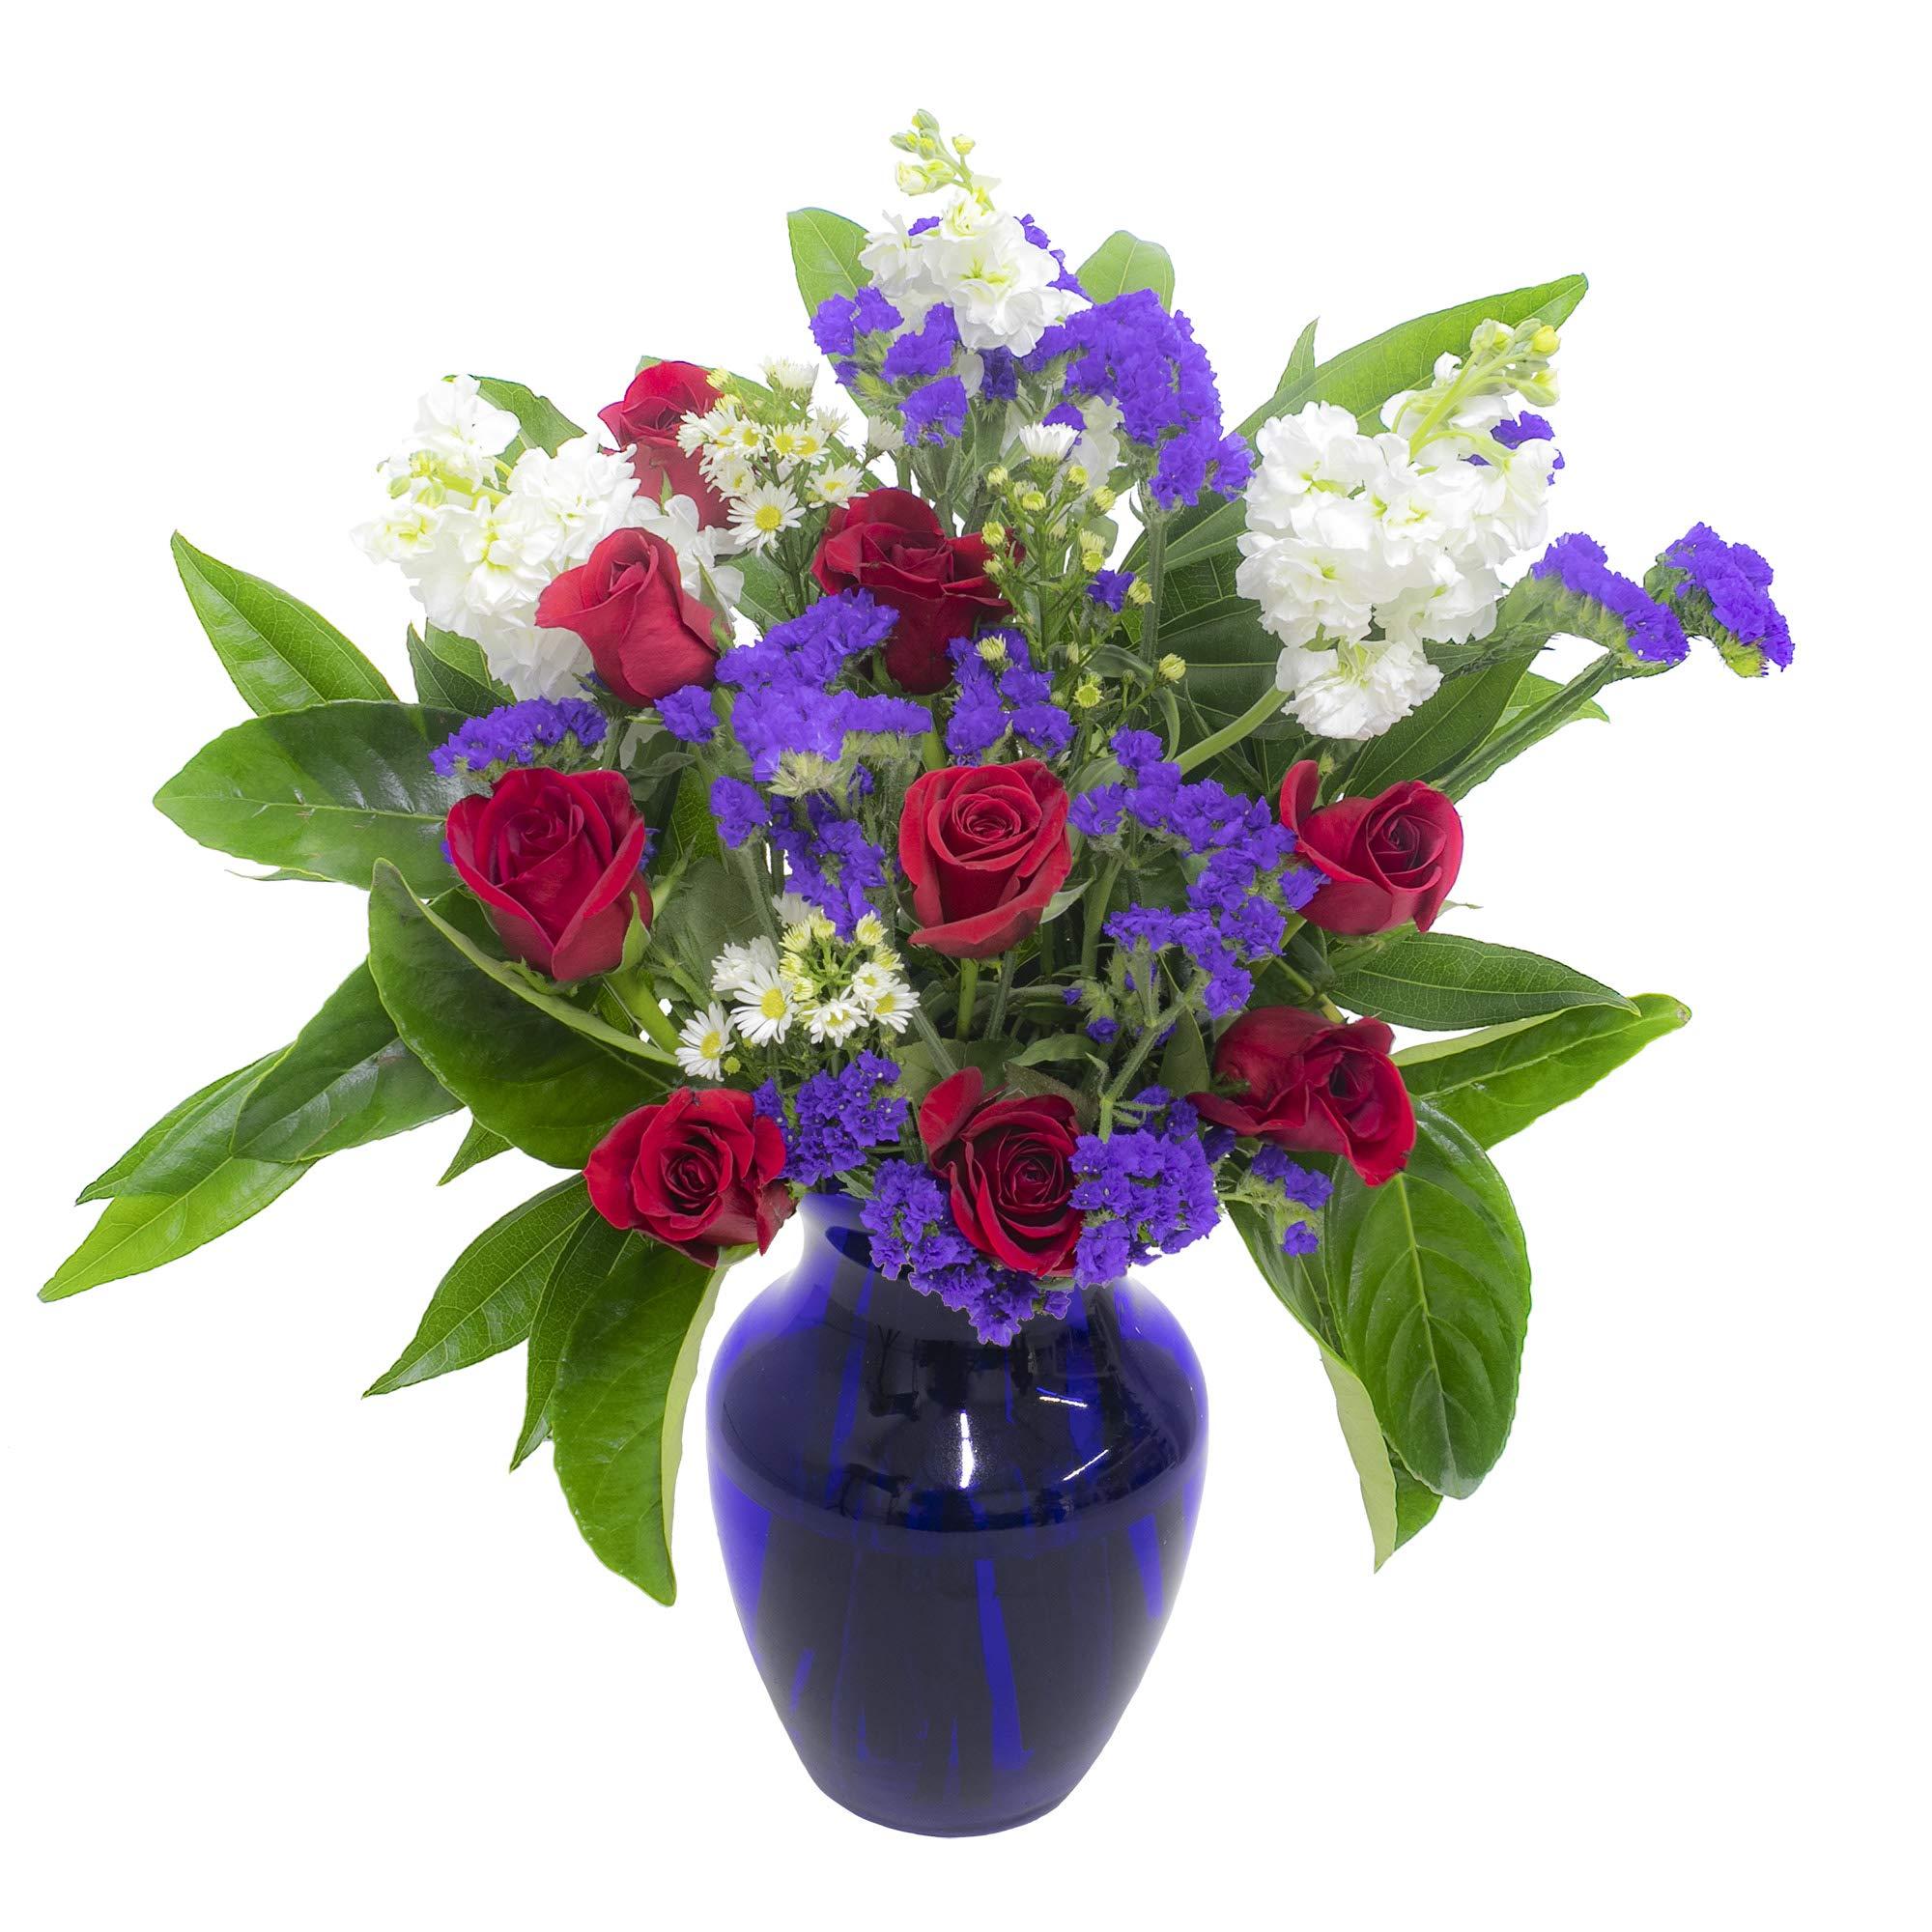 eFlowy - Courage Vase Arrangement